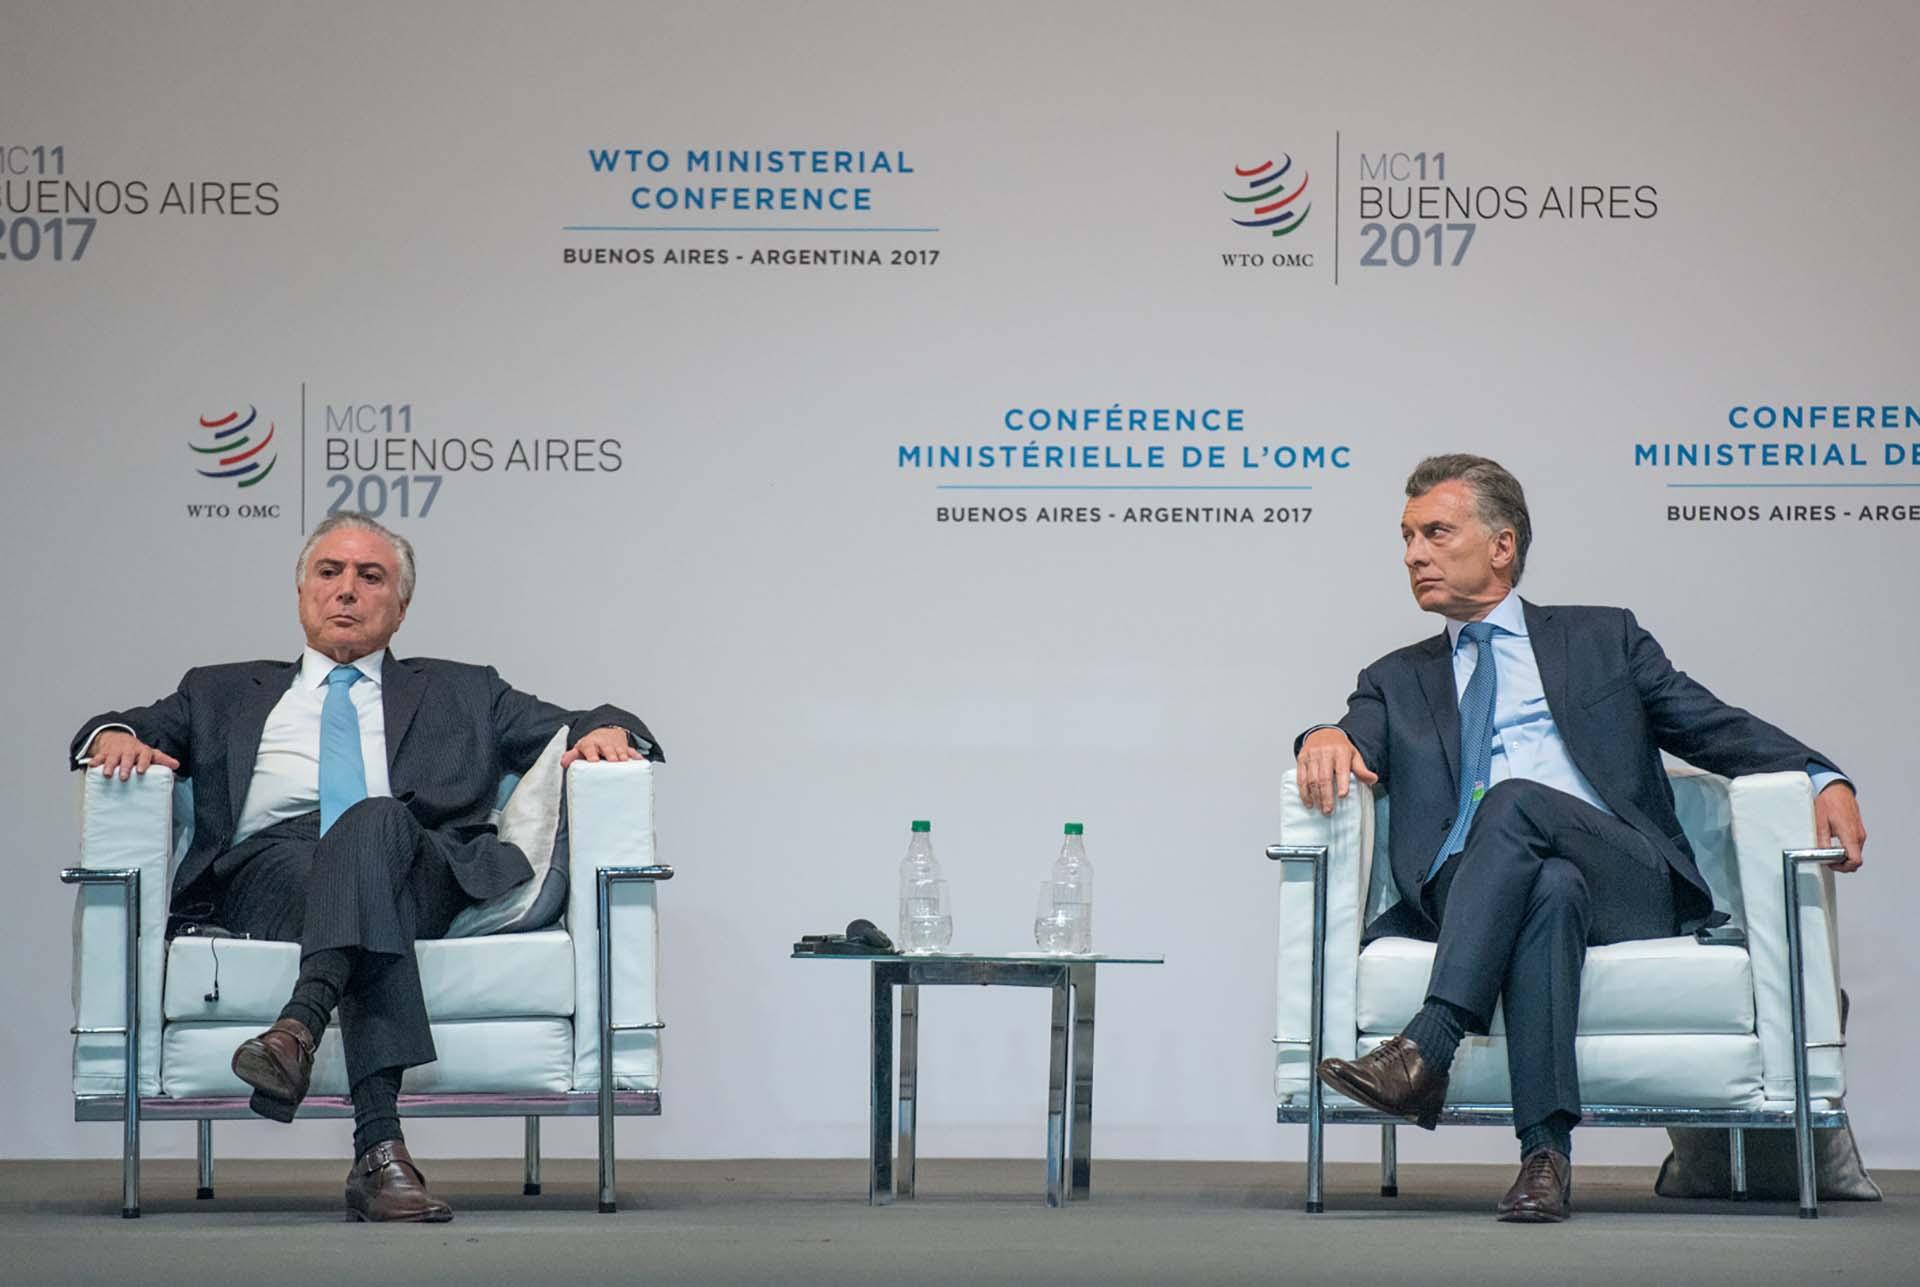 Mauricio Macri le agradeció a sus pares por respaldar la OMC